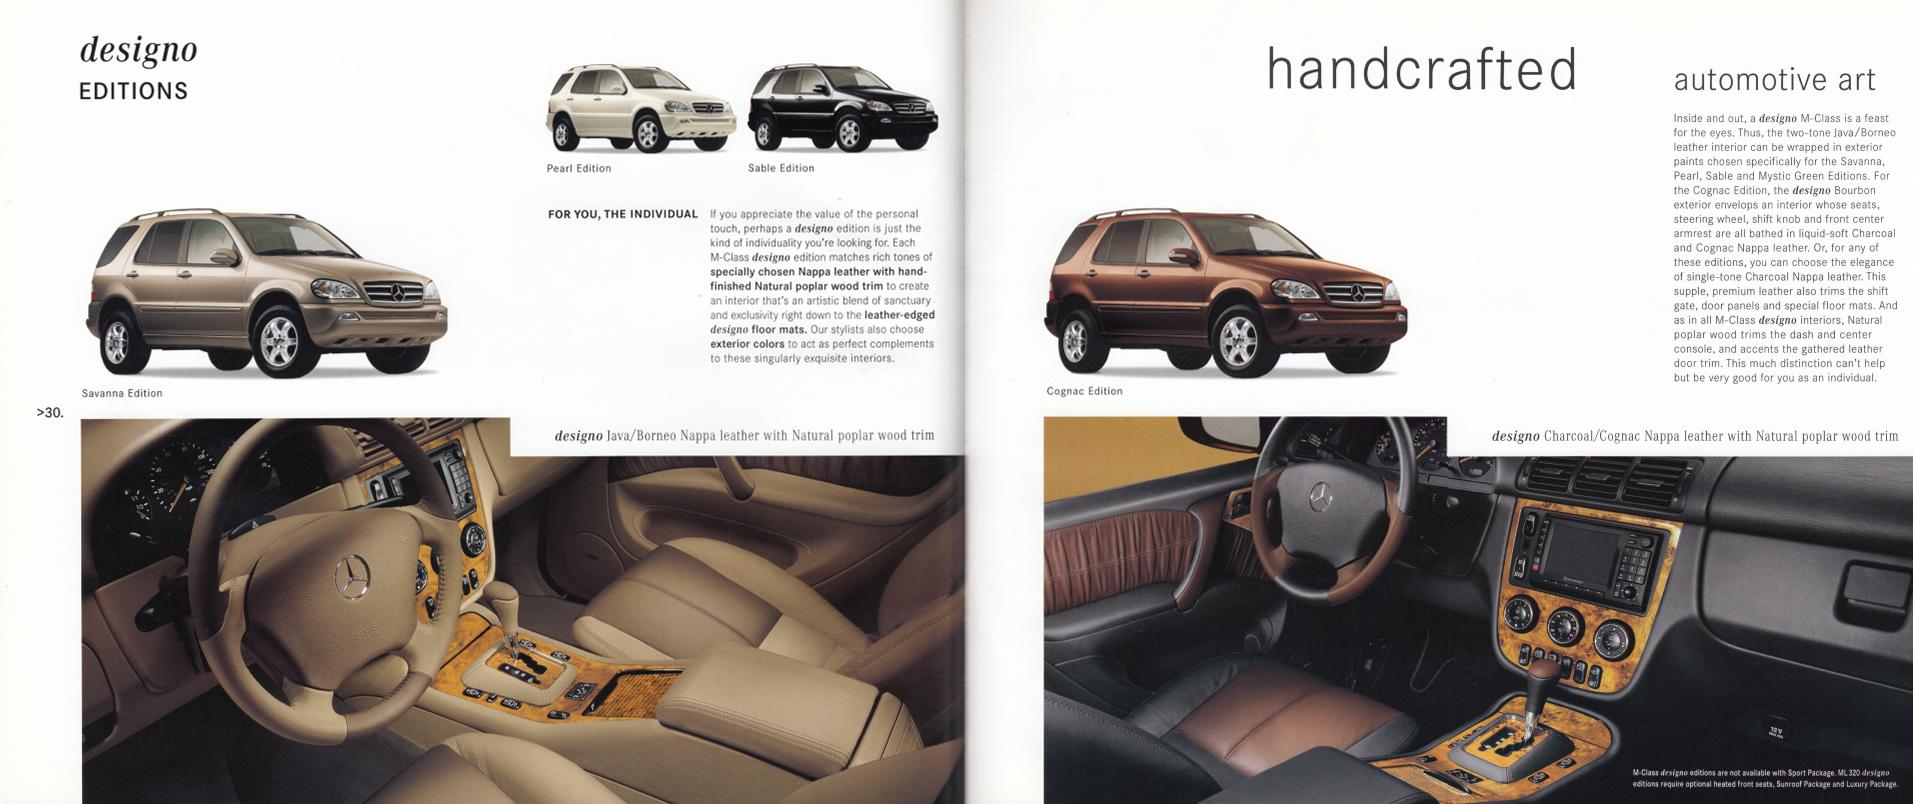 (W163): Catálogo USA 2003 - inglês 017